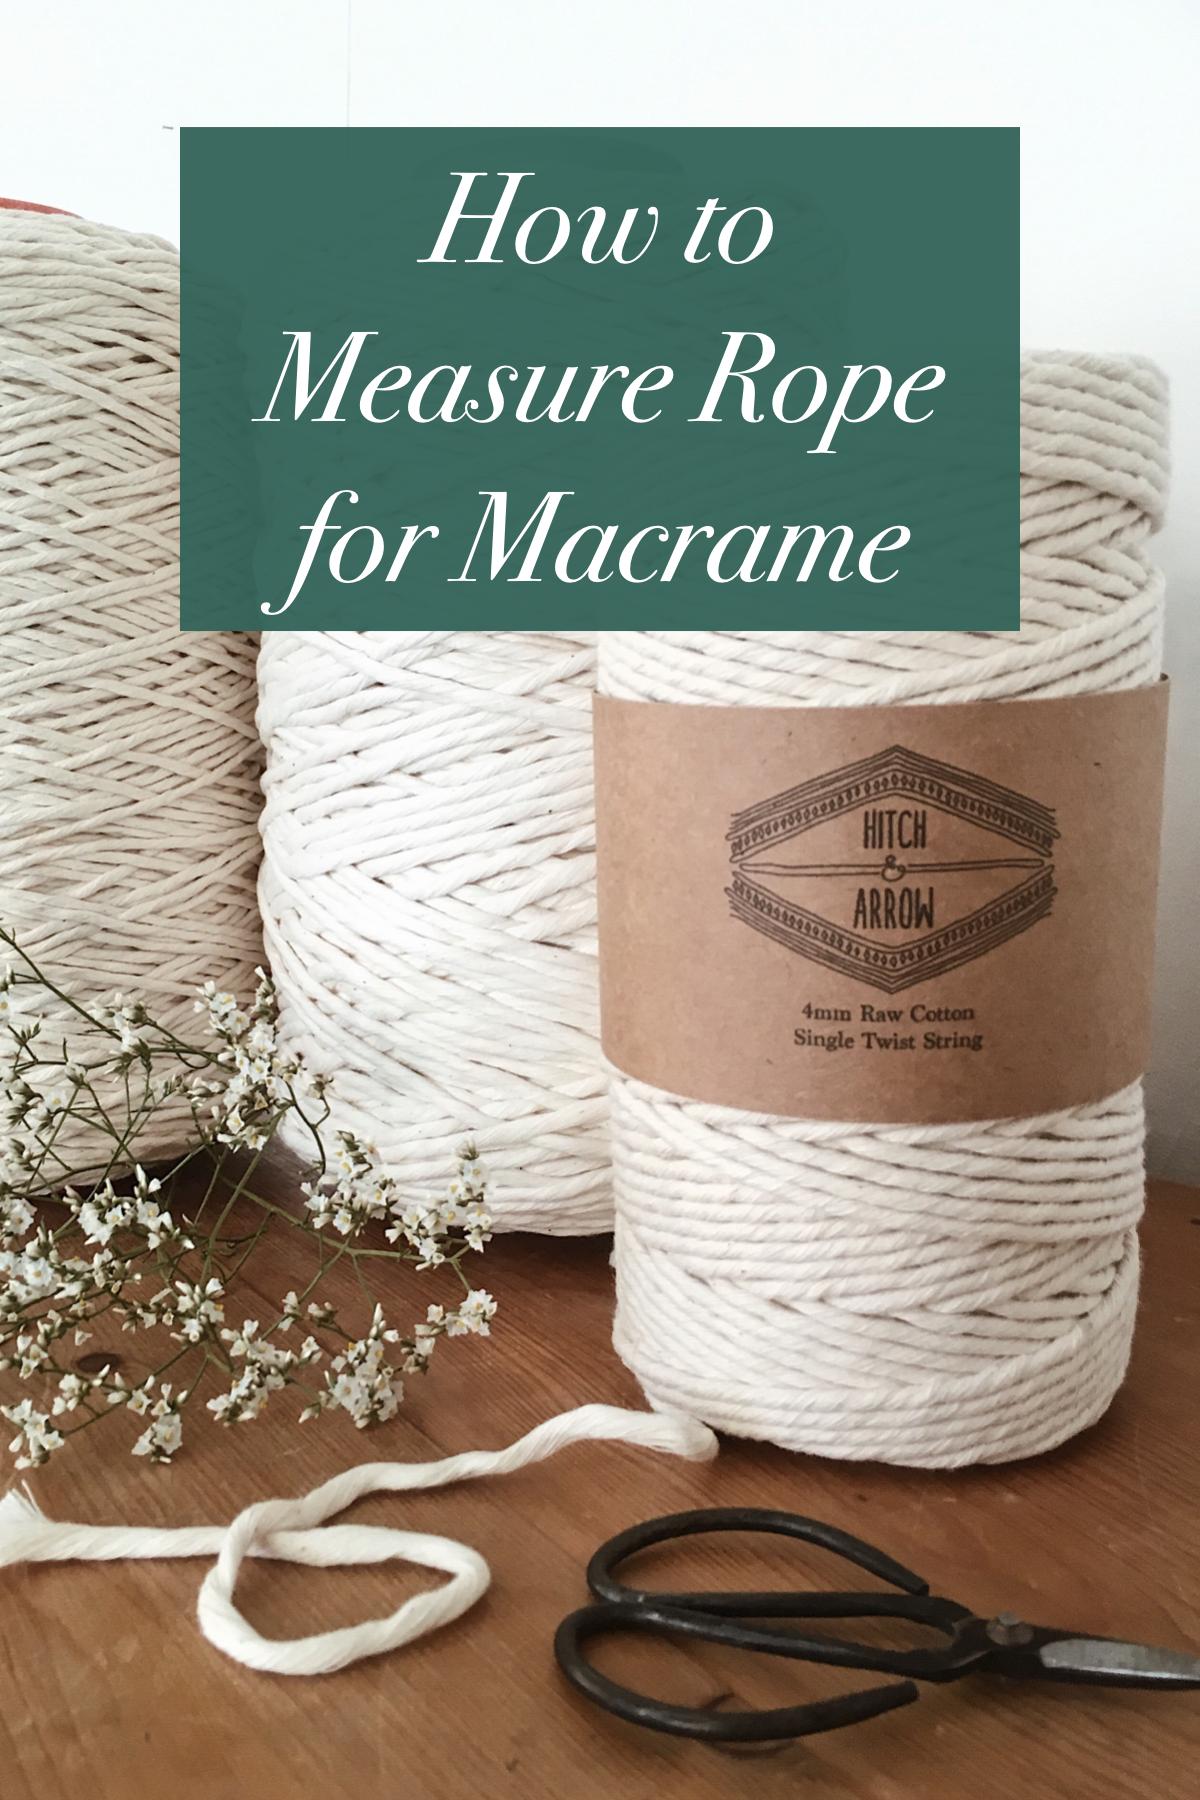 Quelle Ficelle Pour Macramé comment mesurer la corde nécessaire en macramé (avec images